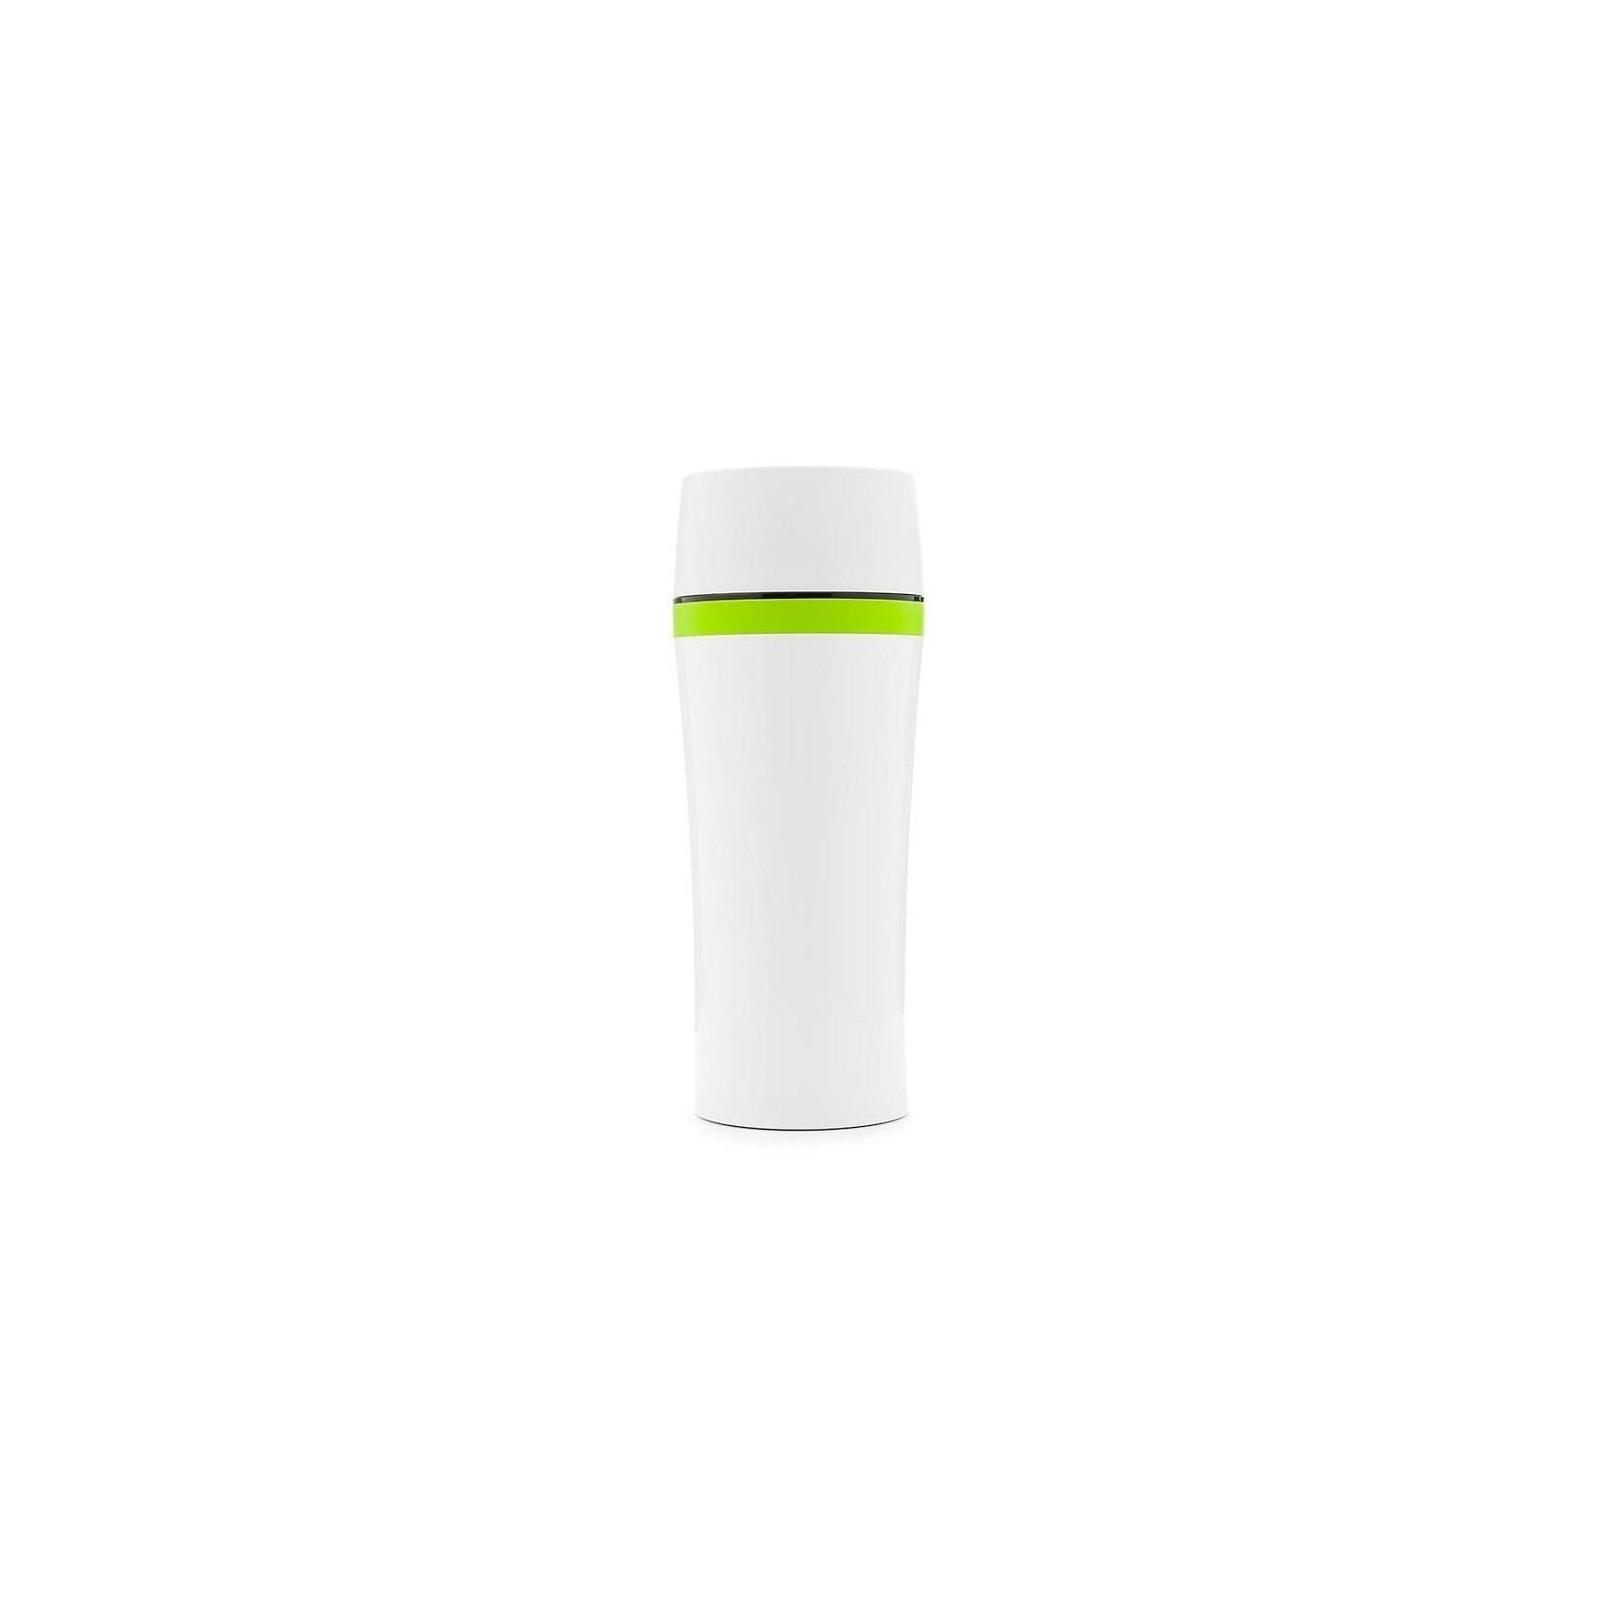 Термокружка Tefal TRAVEL MUG FUN 0.36L white (K3070114 white)